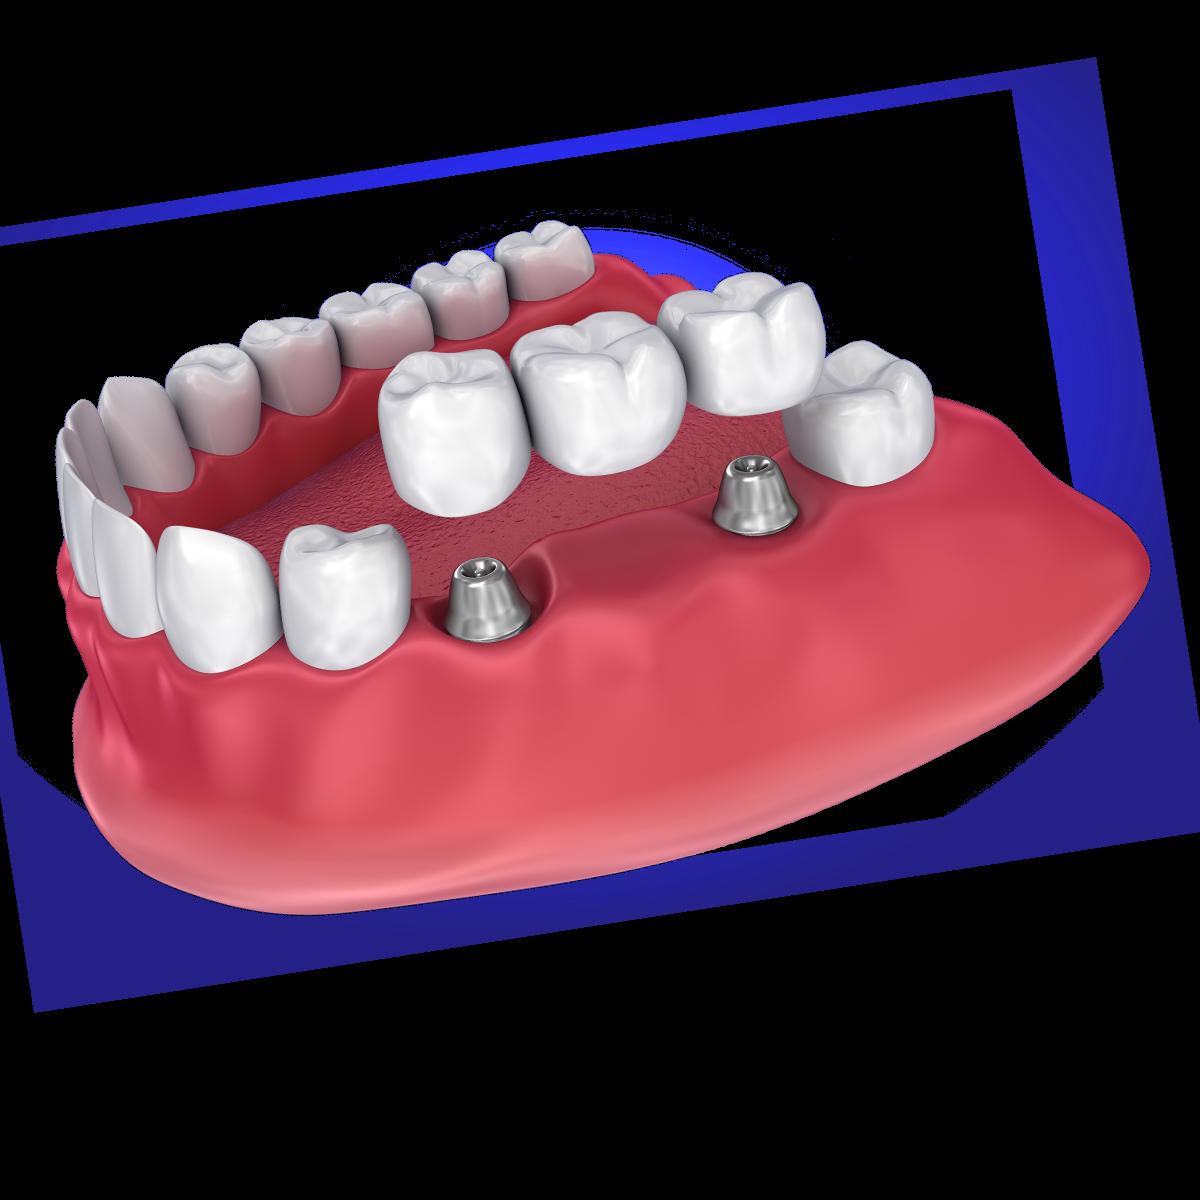 Digital image of implant-supported dental bridge